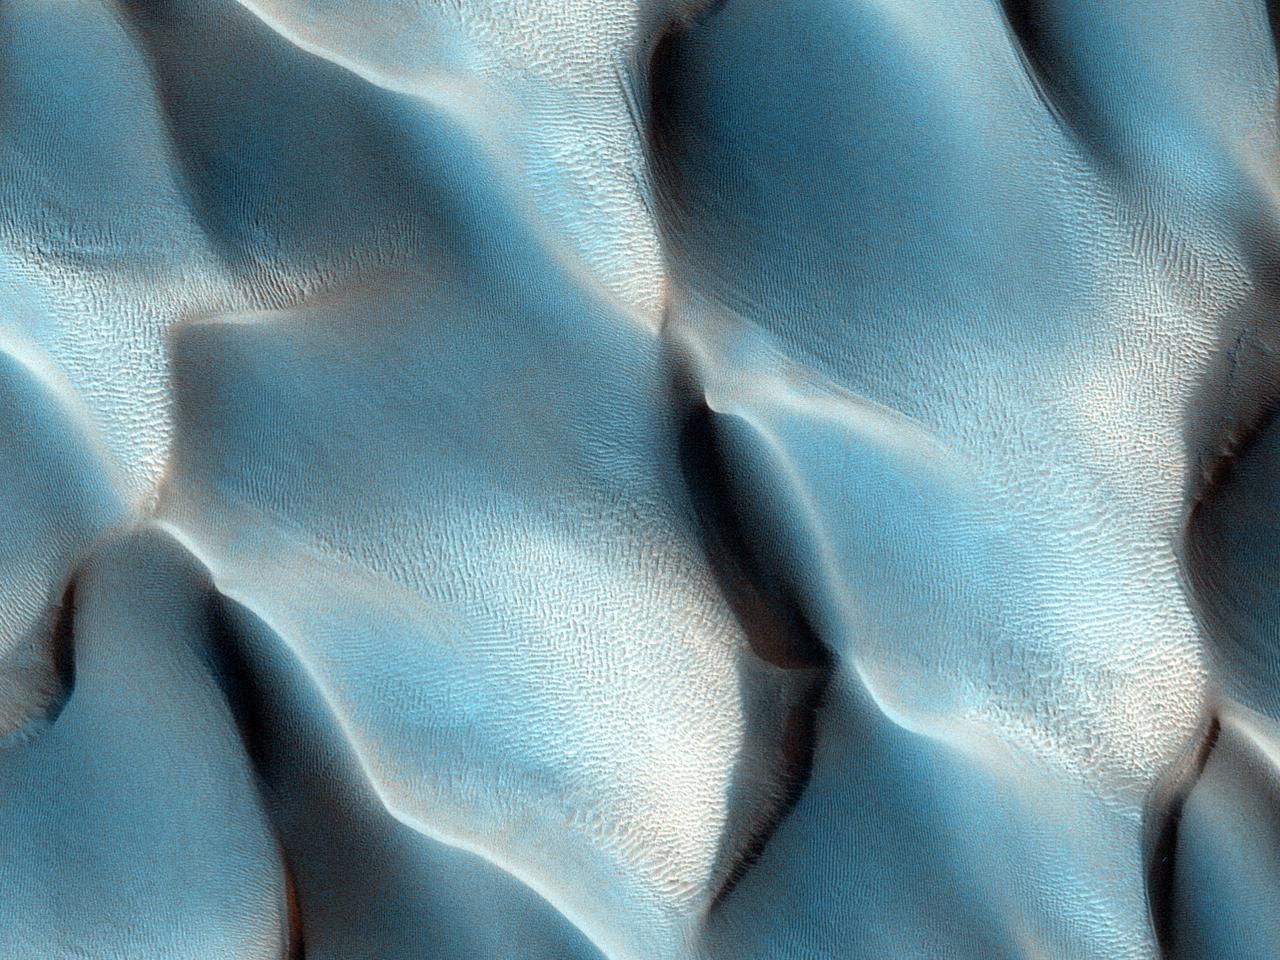 Et hav av polardyner